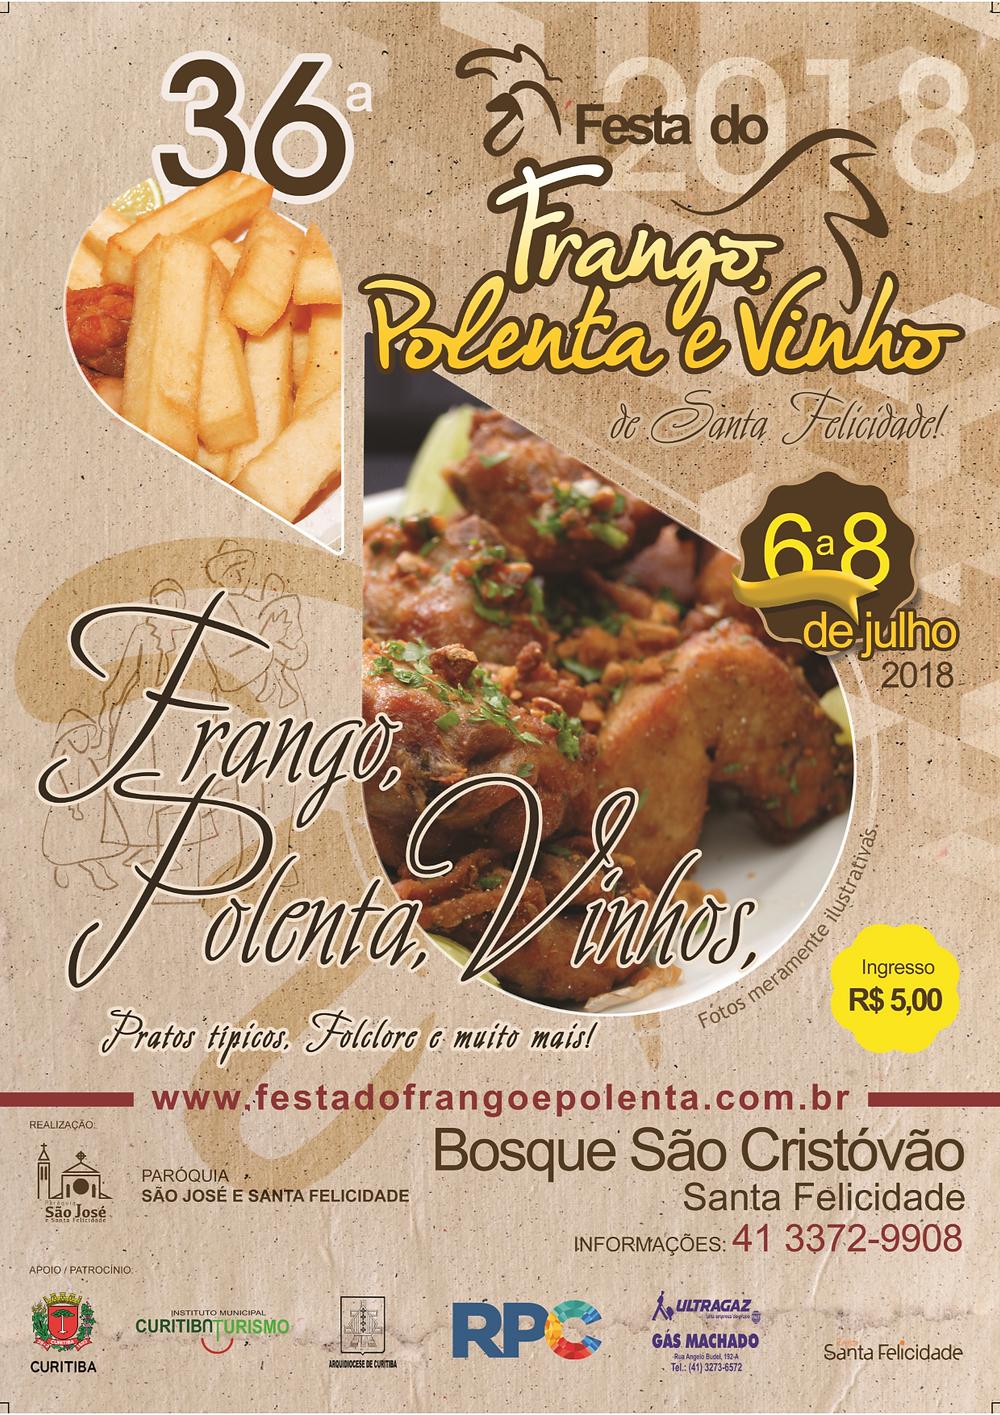 Festa do Frango, Polenta e Vinho